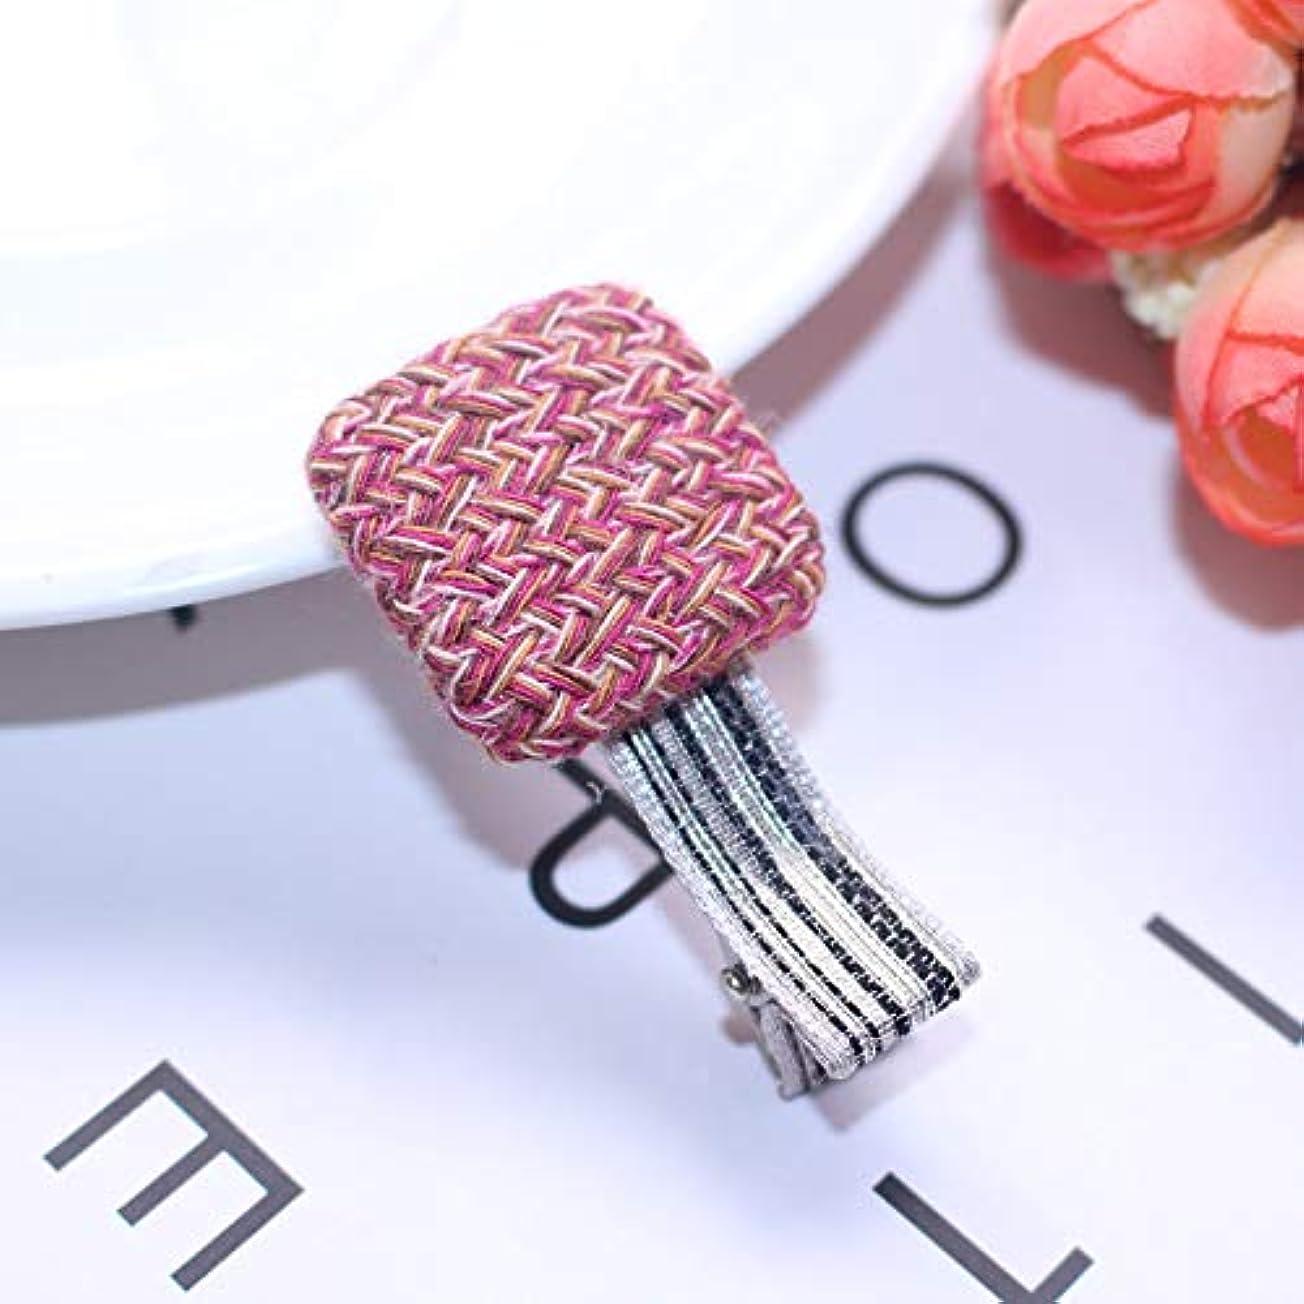 規定変な王族HuaQingPiJu-JP ファッションシンプルなボタンの子供のヘアピン便利なヘアクリップ(ピンク)